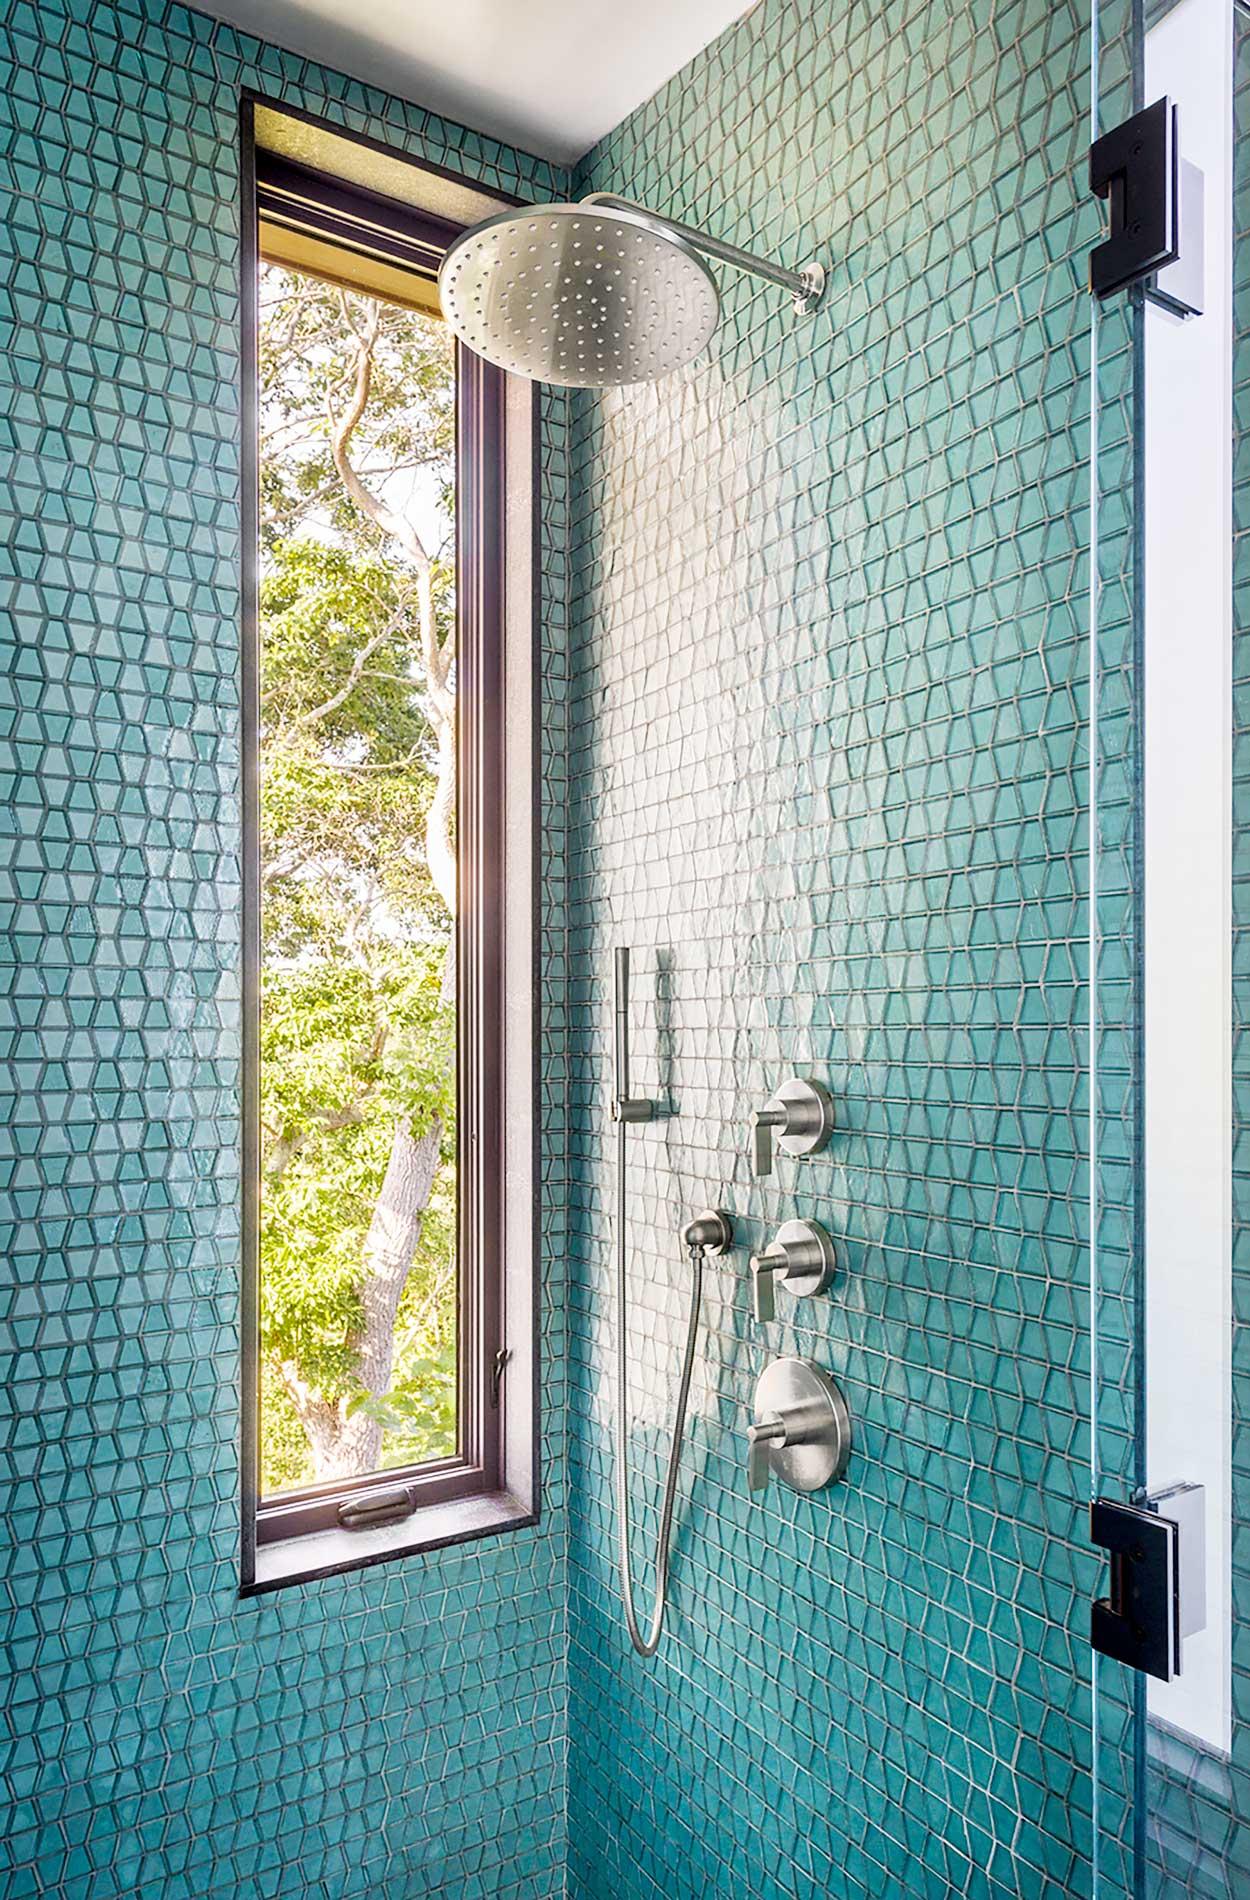 Custom Blue Tile in Bathroom Shower